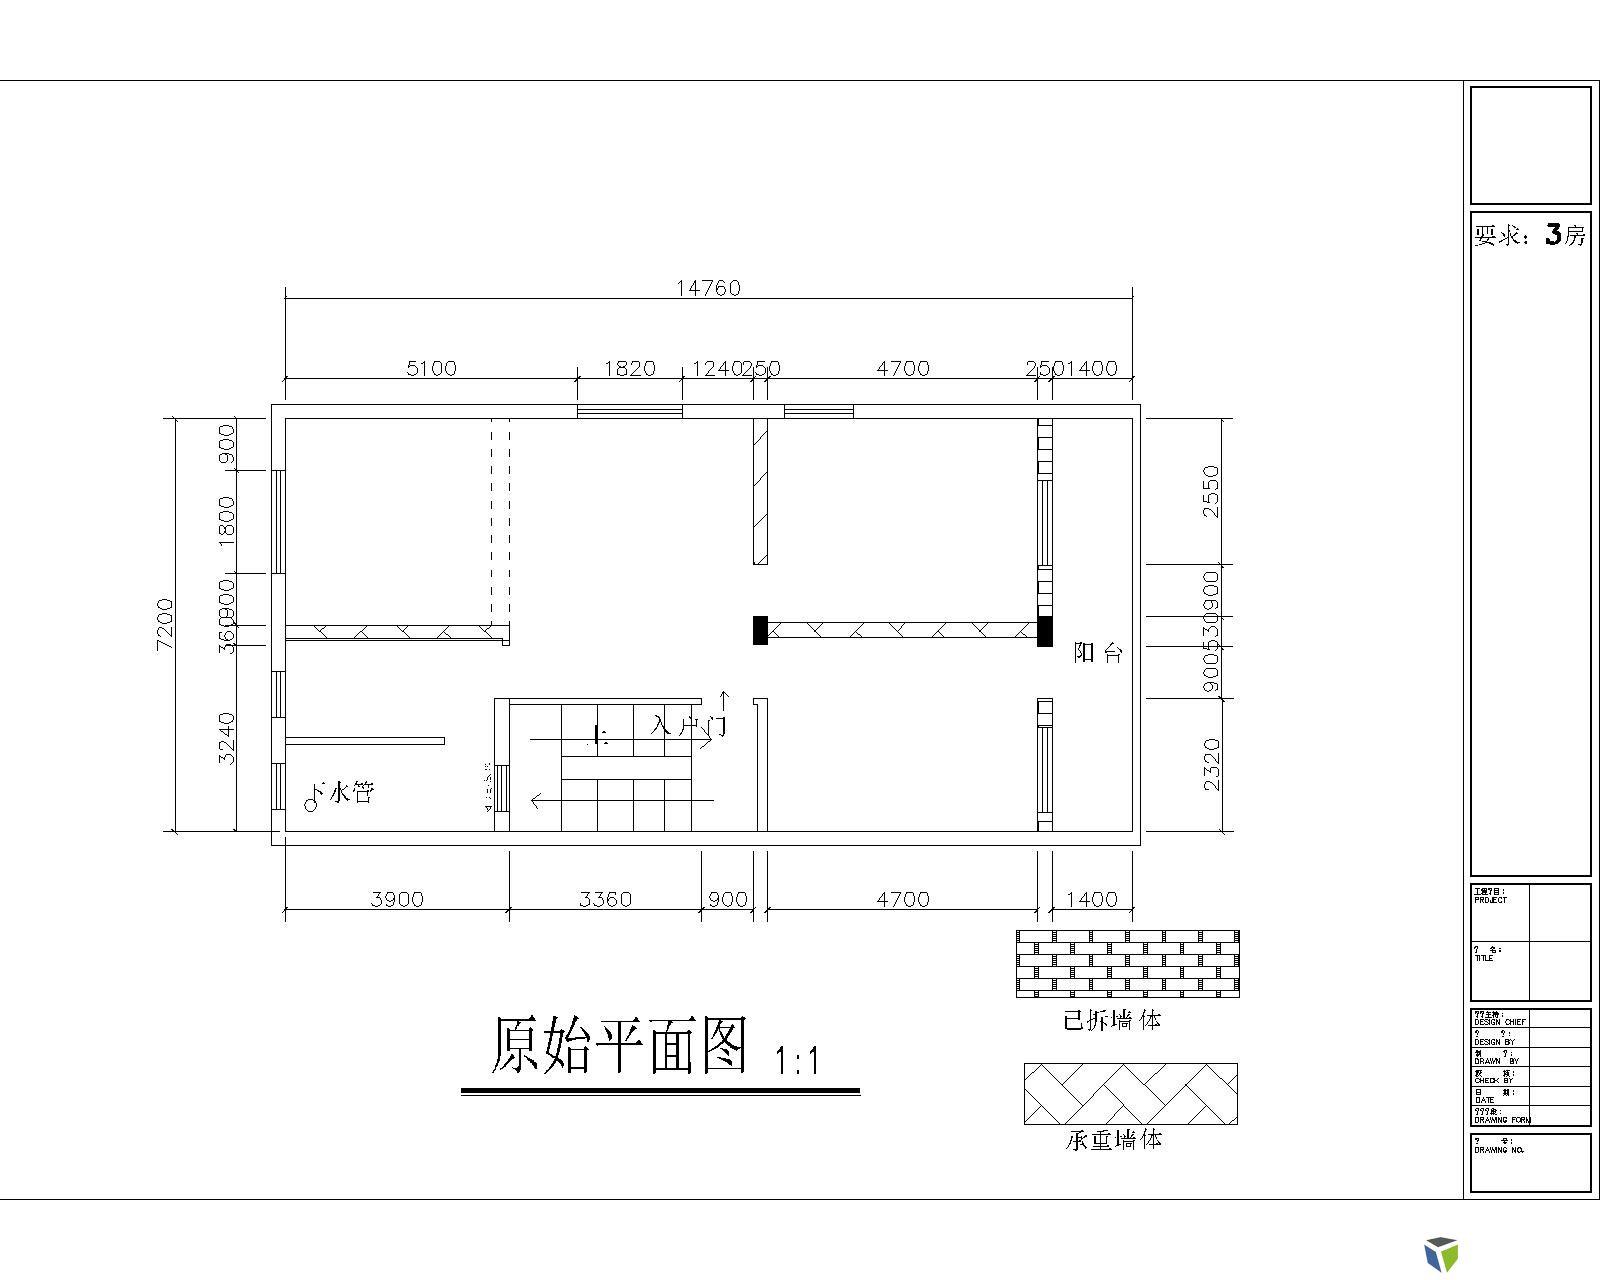 平面布置图-室内设计师平台 -室内设计论坛-扮家家